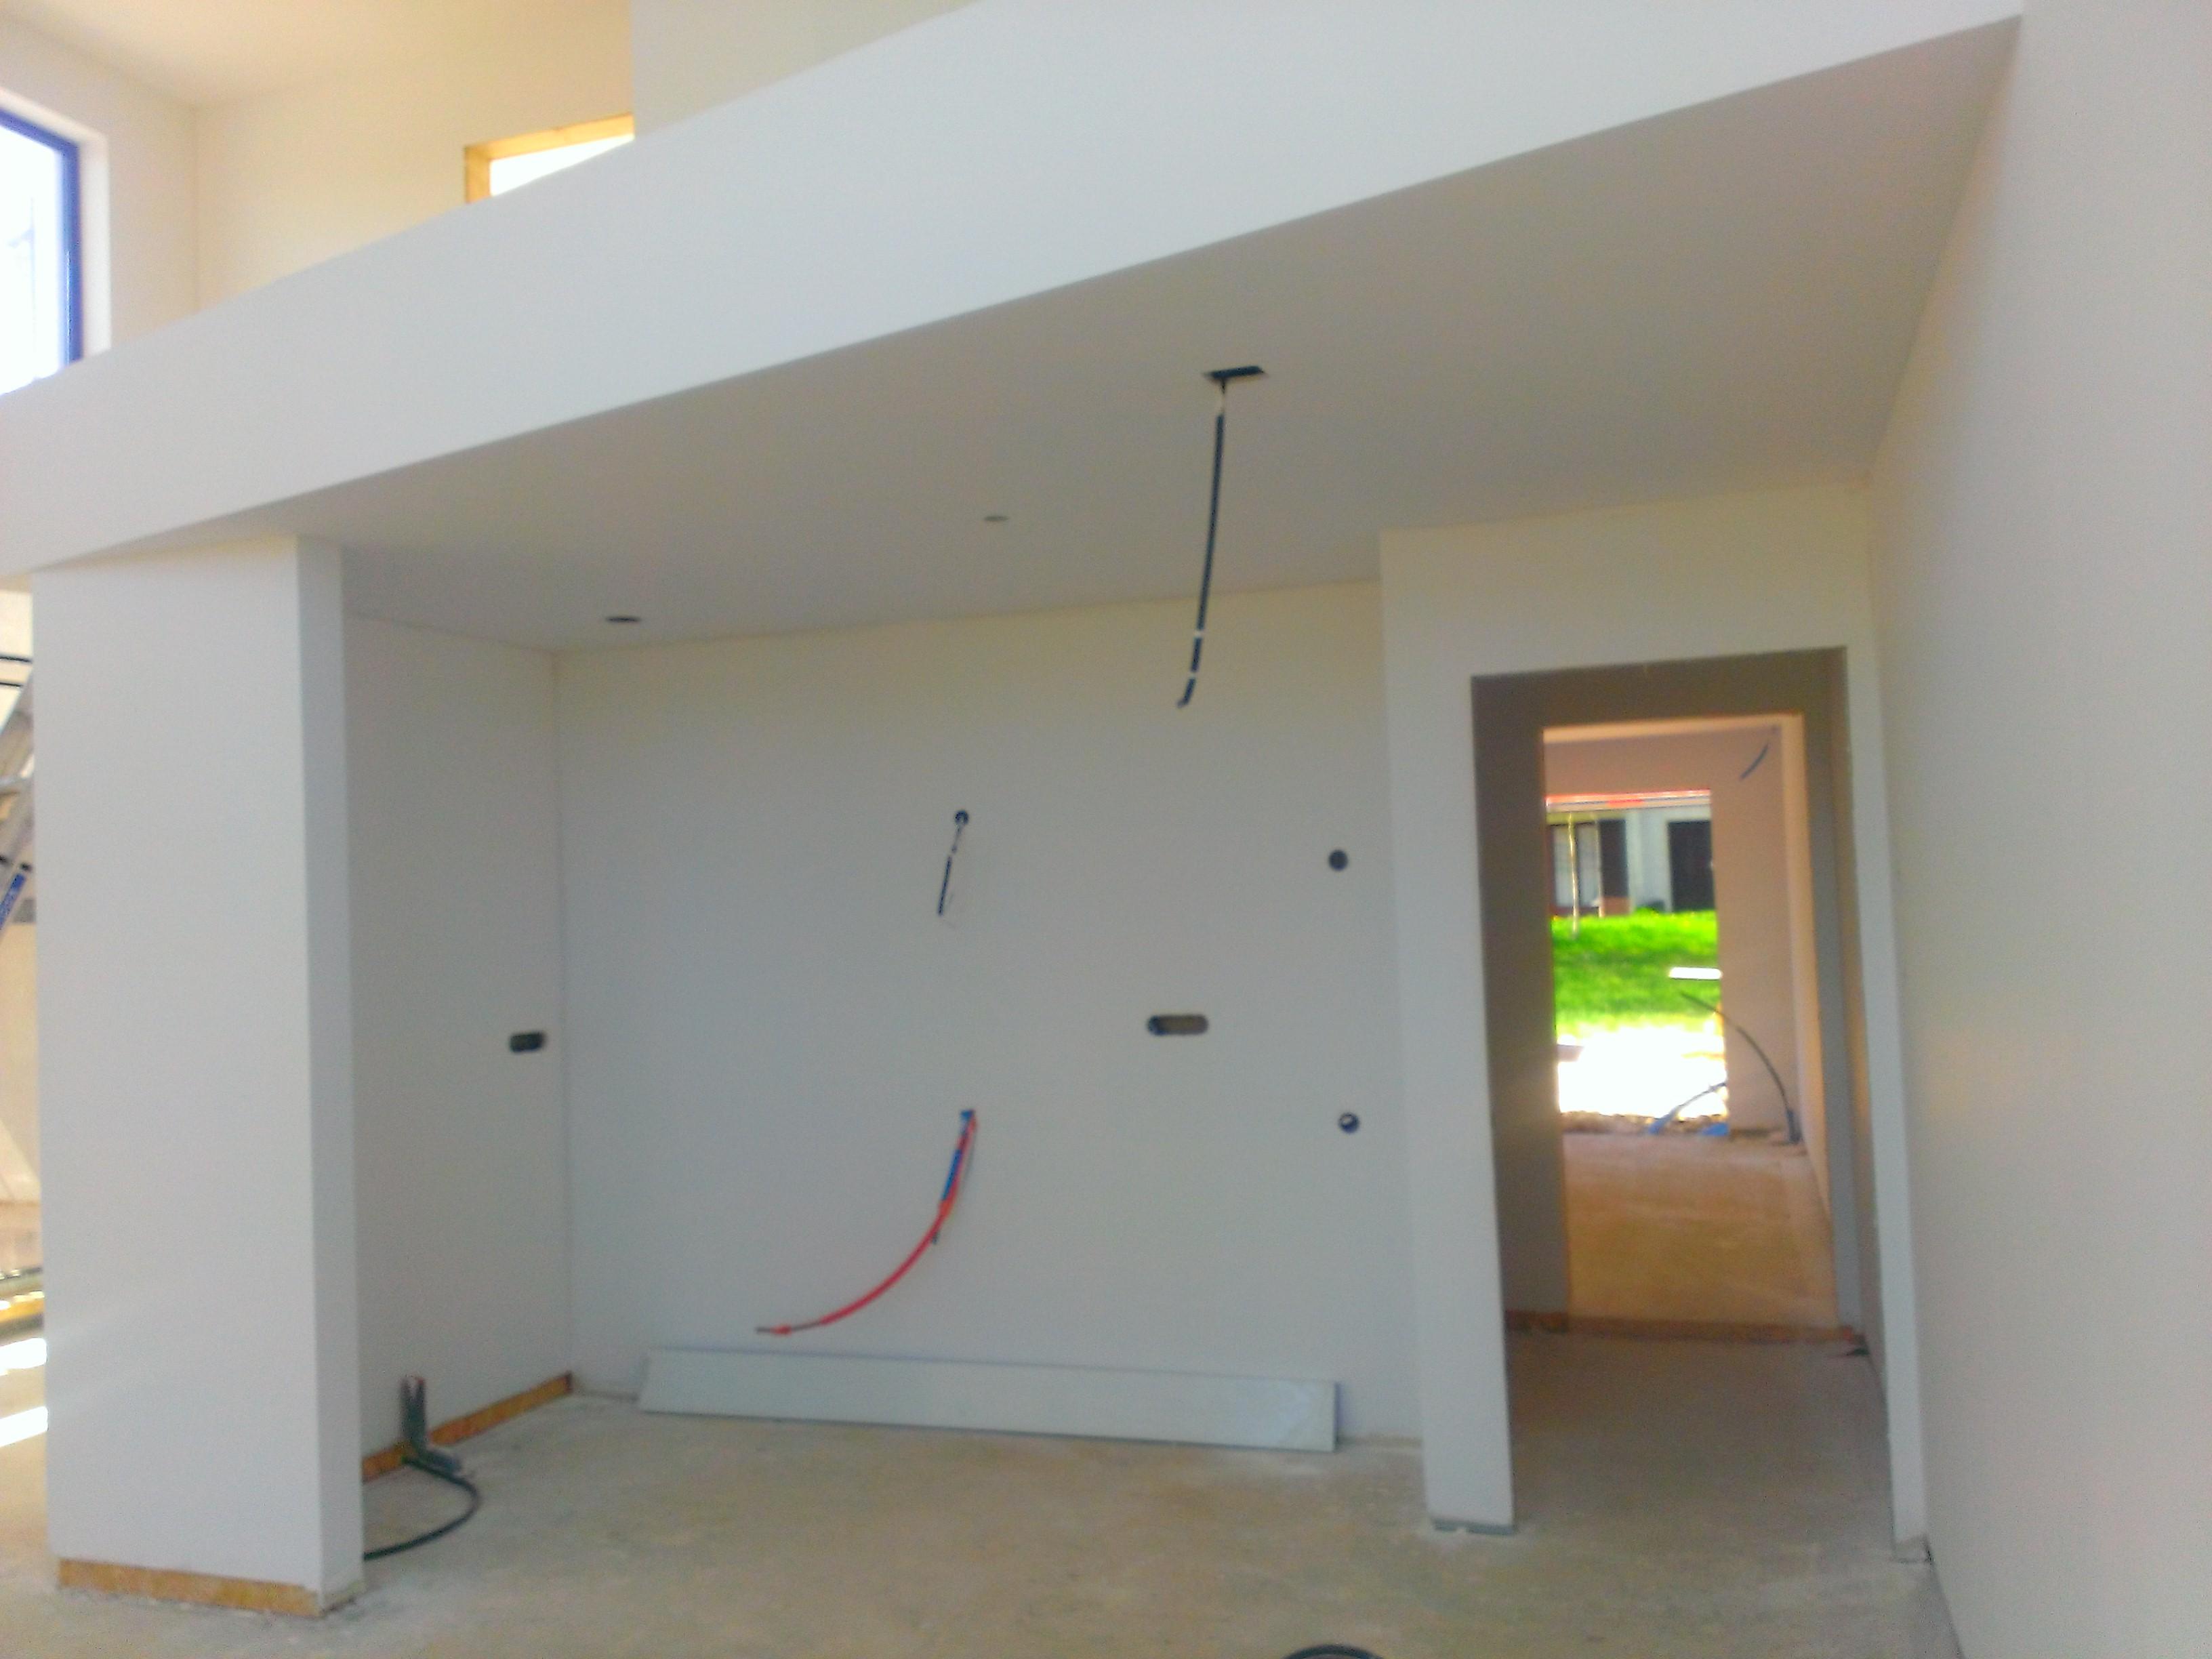 Berühmt Holz Haus Construction -Innenputz verputzen Putzarbeiten auf PP59